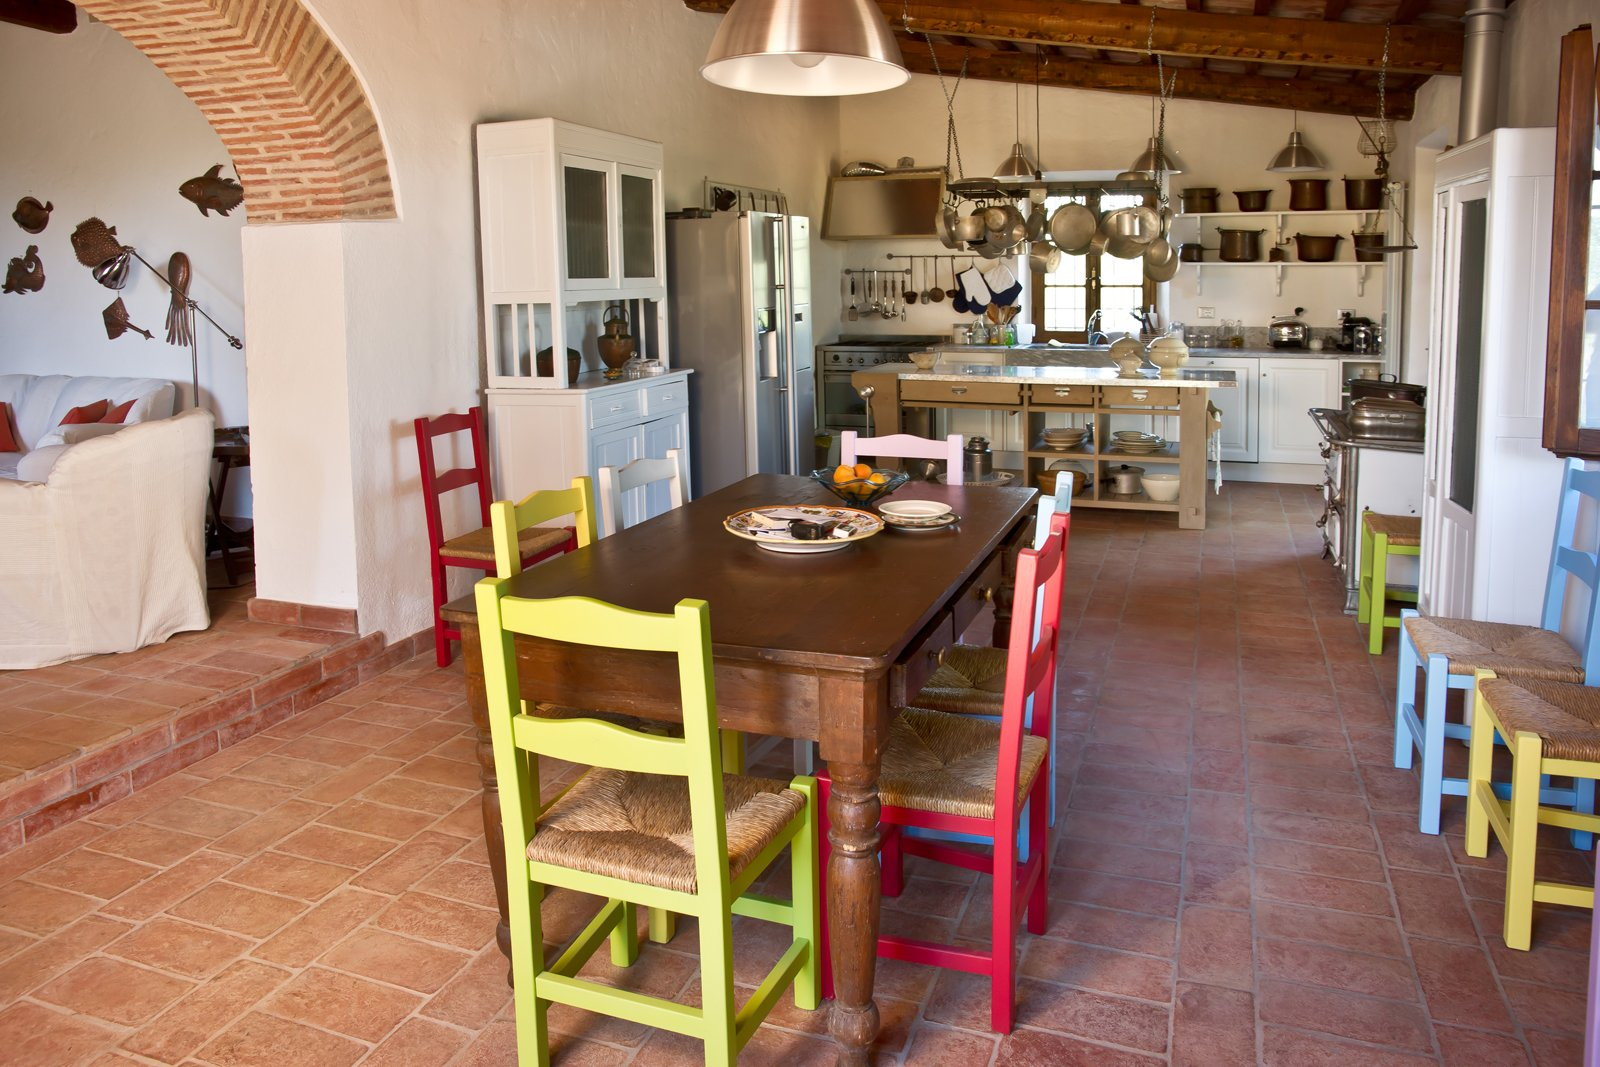 Piastrelle per il pavimento della cucina cose di casa for Pavimenti da cucina moderna